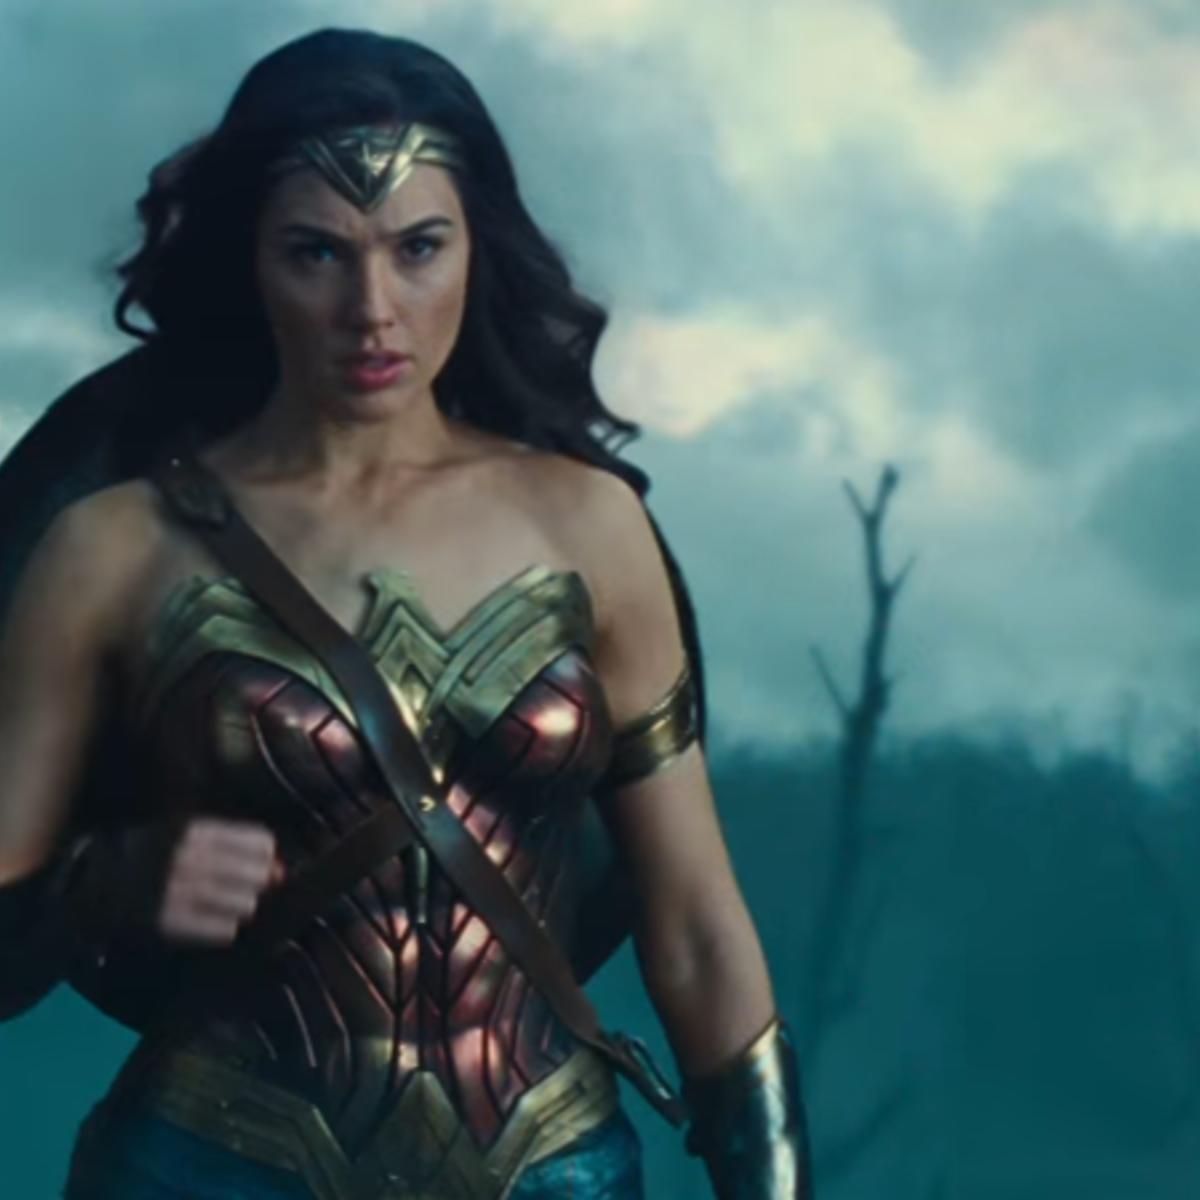 Gal Gadot has a pitch-perfect response to Wonder Woman's Oscar snub